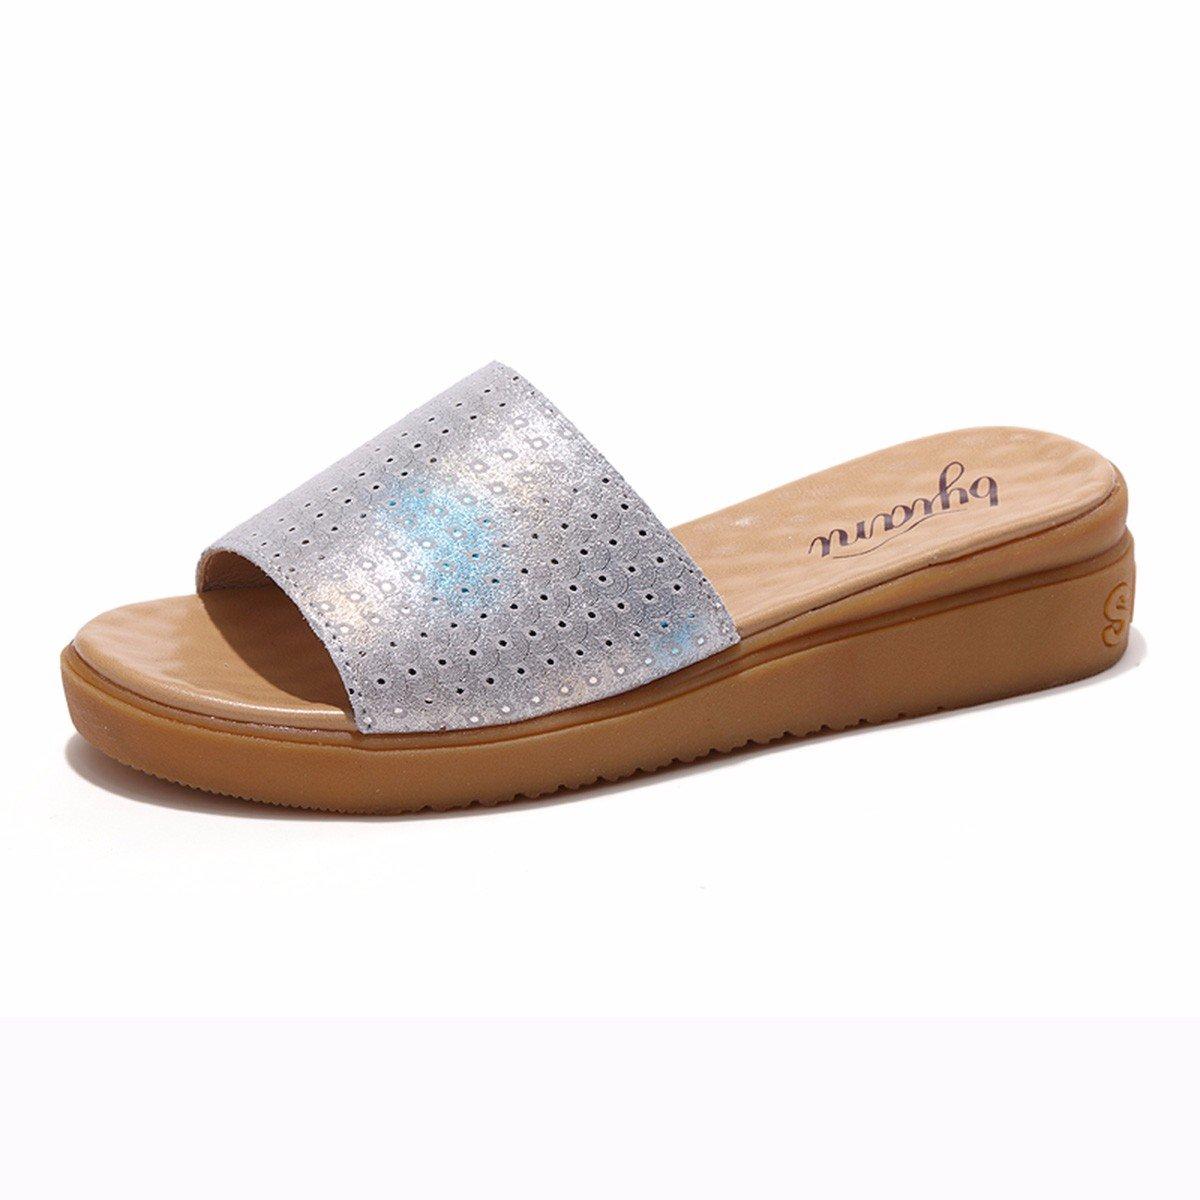 QPSSP Pantoffeln Und Flachen Boden - Schuhe, Sandalen Und Slipper, Sandalen, Sandalen, Damen - Schuhe.  Thirty-eight|white